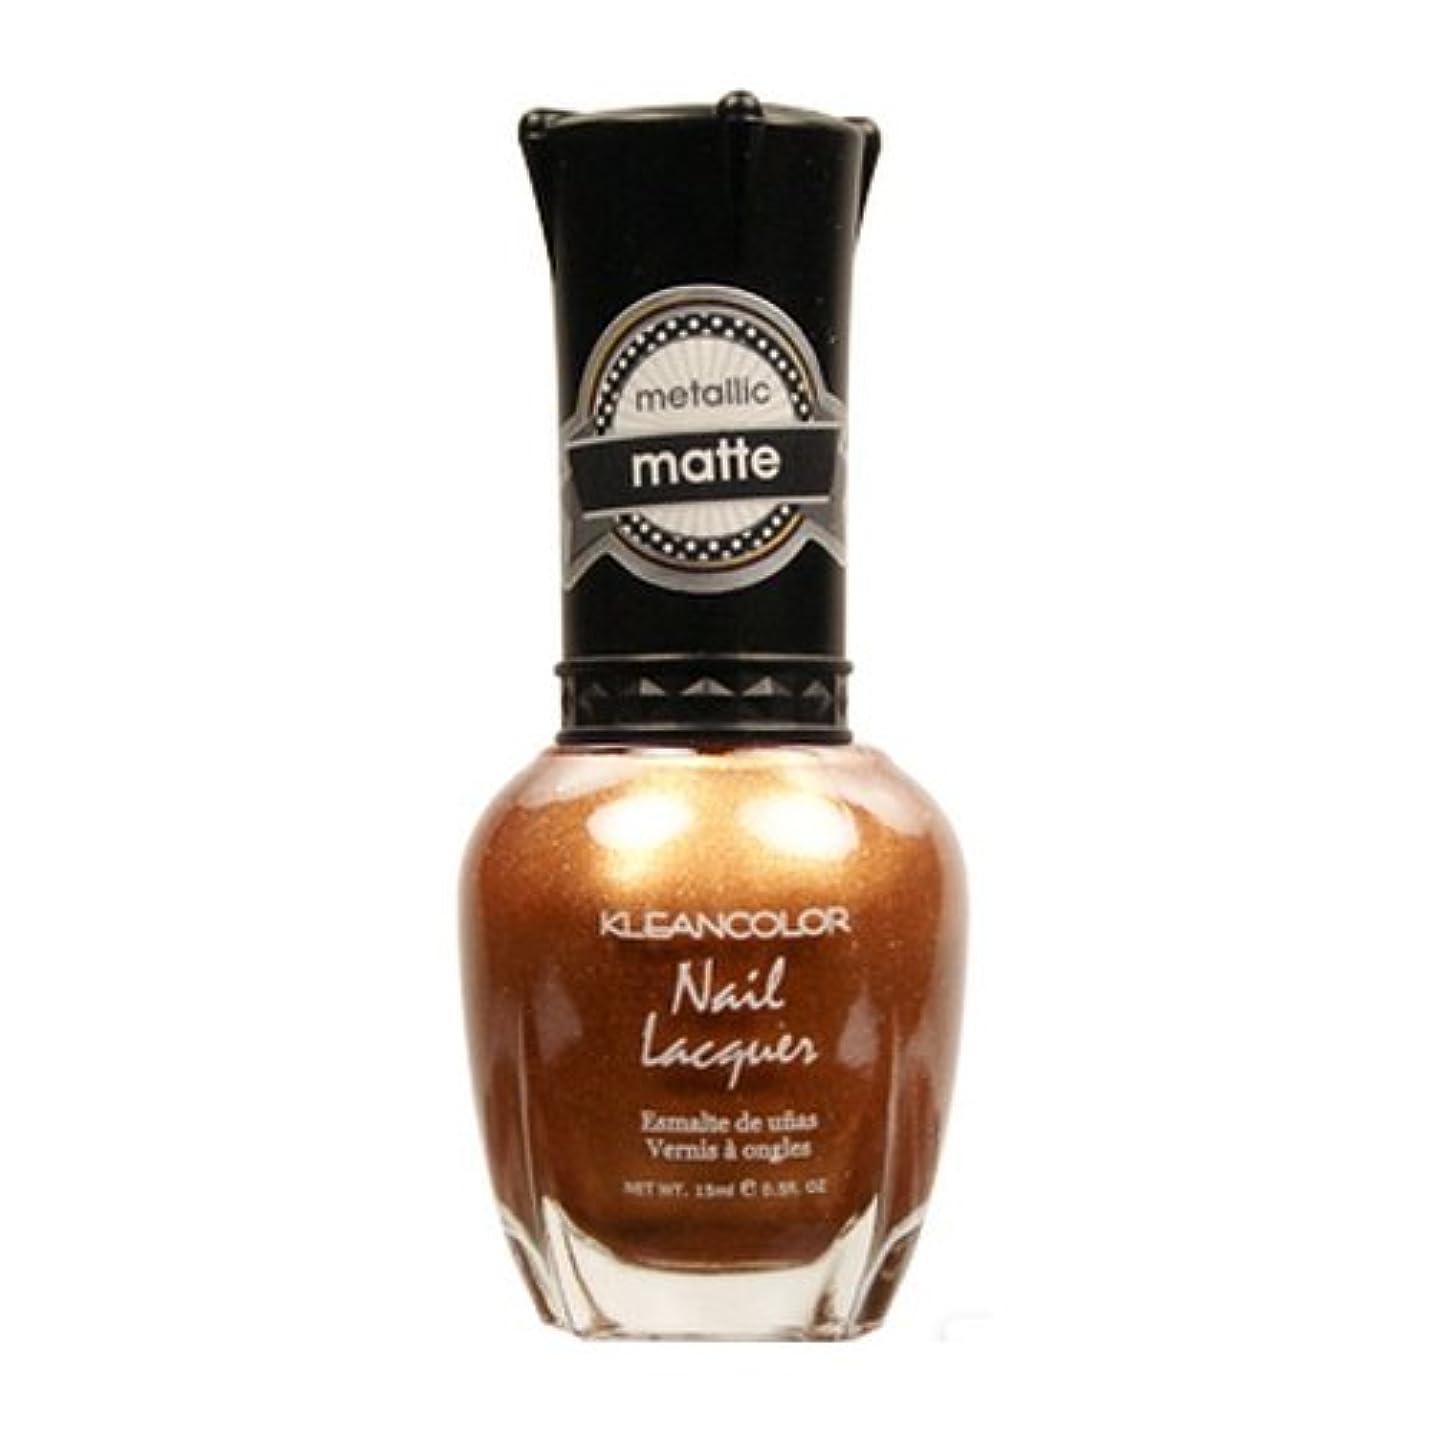 兵隊晴れ儀式(3 Pack) KLEANCOLOR Matte Nail Lacquer - Life in Gold Castle (並行輸入品)